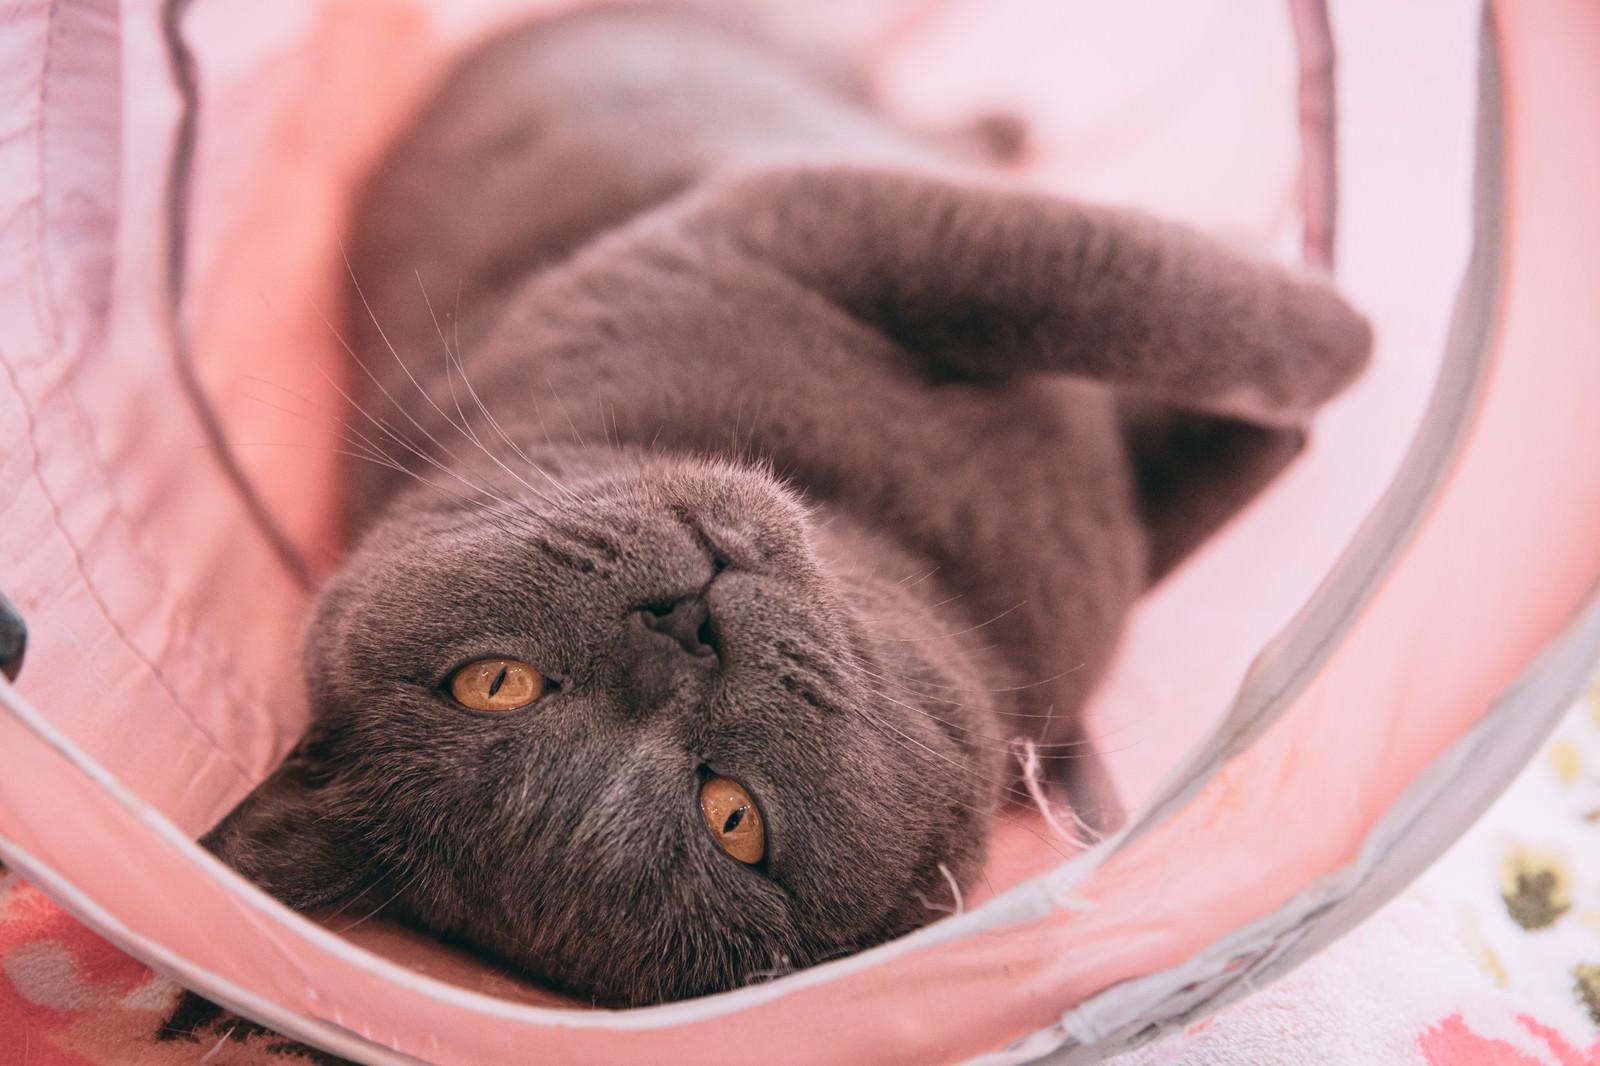 「それ、ストレスのない快適な環境でゴロ寝する猫の前でも同じこと言えんの?」の写真